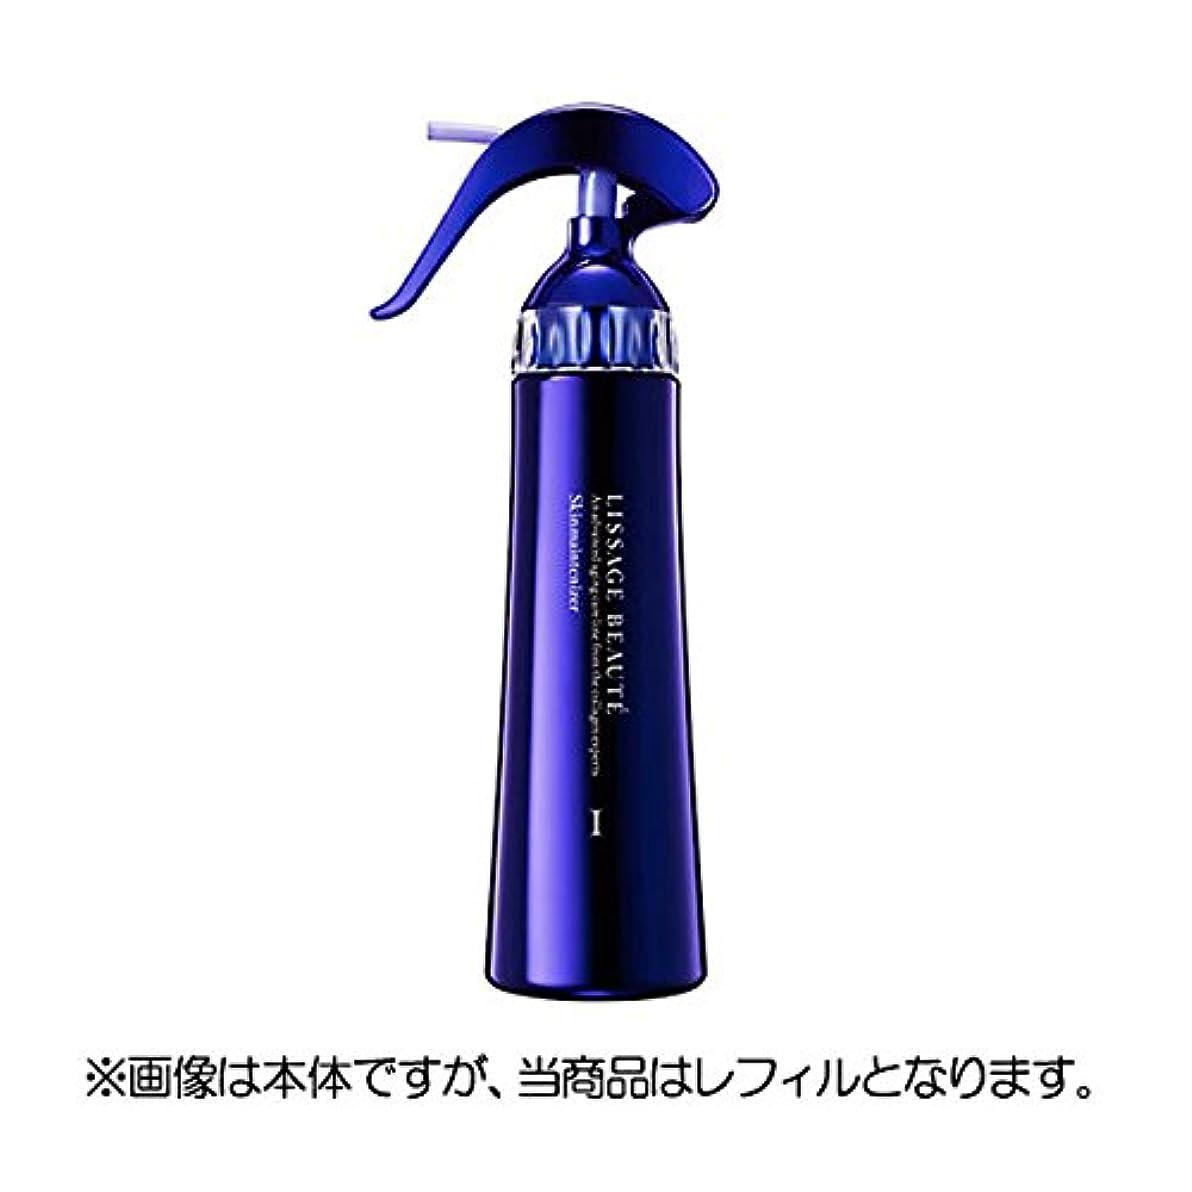 【カネボウ化粧品】リサージ ボーテ スキンメインテナイザーIIa(しっとりまろやか) レフィル 180ml